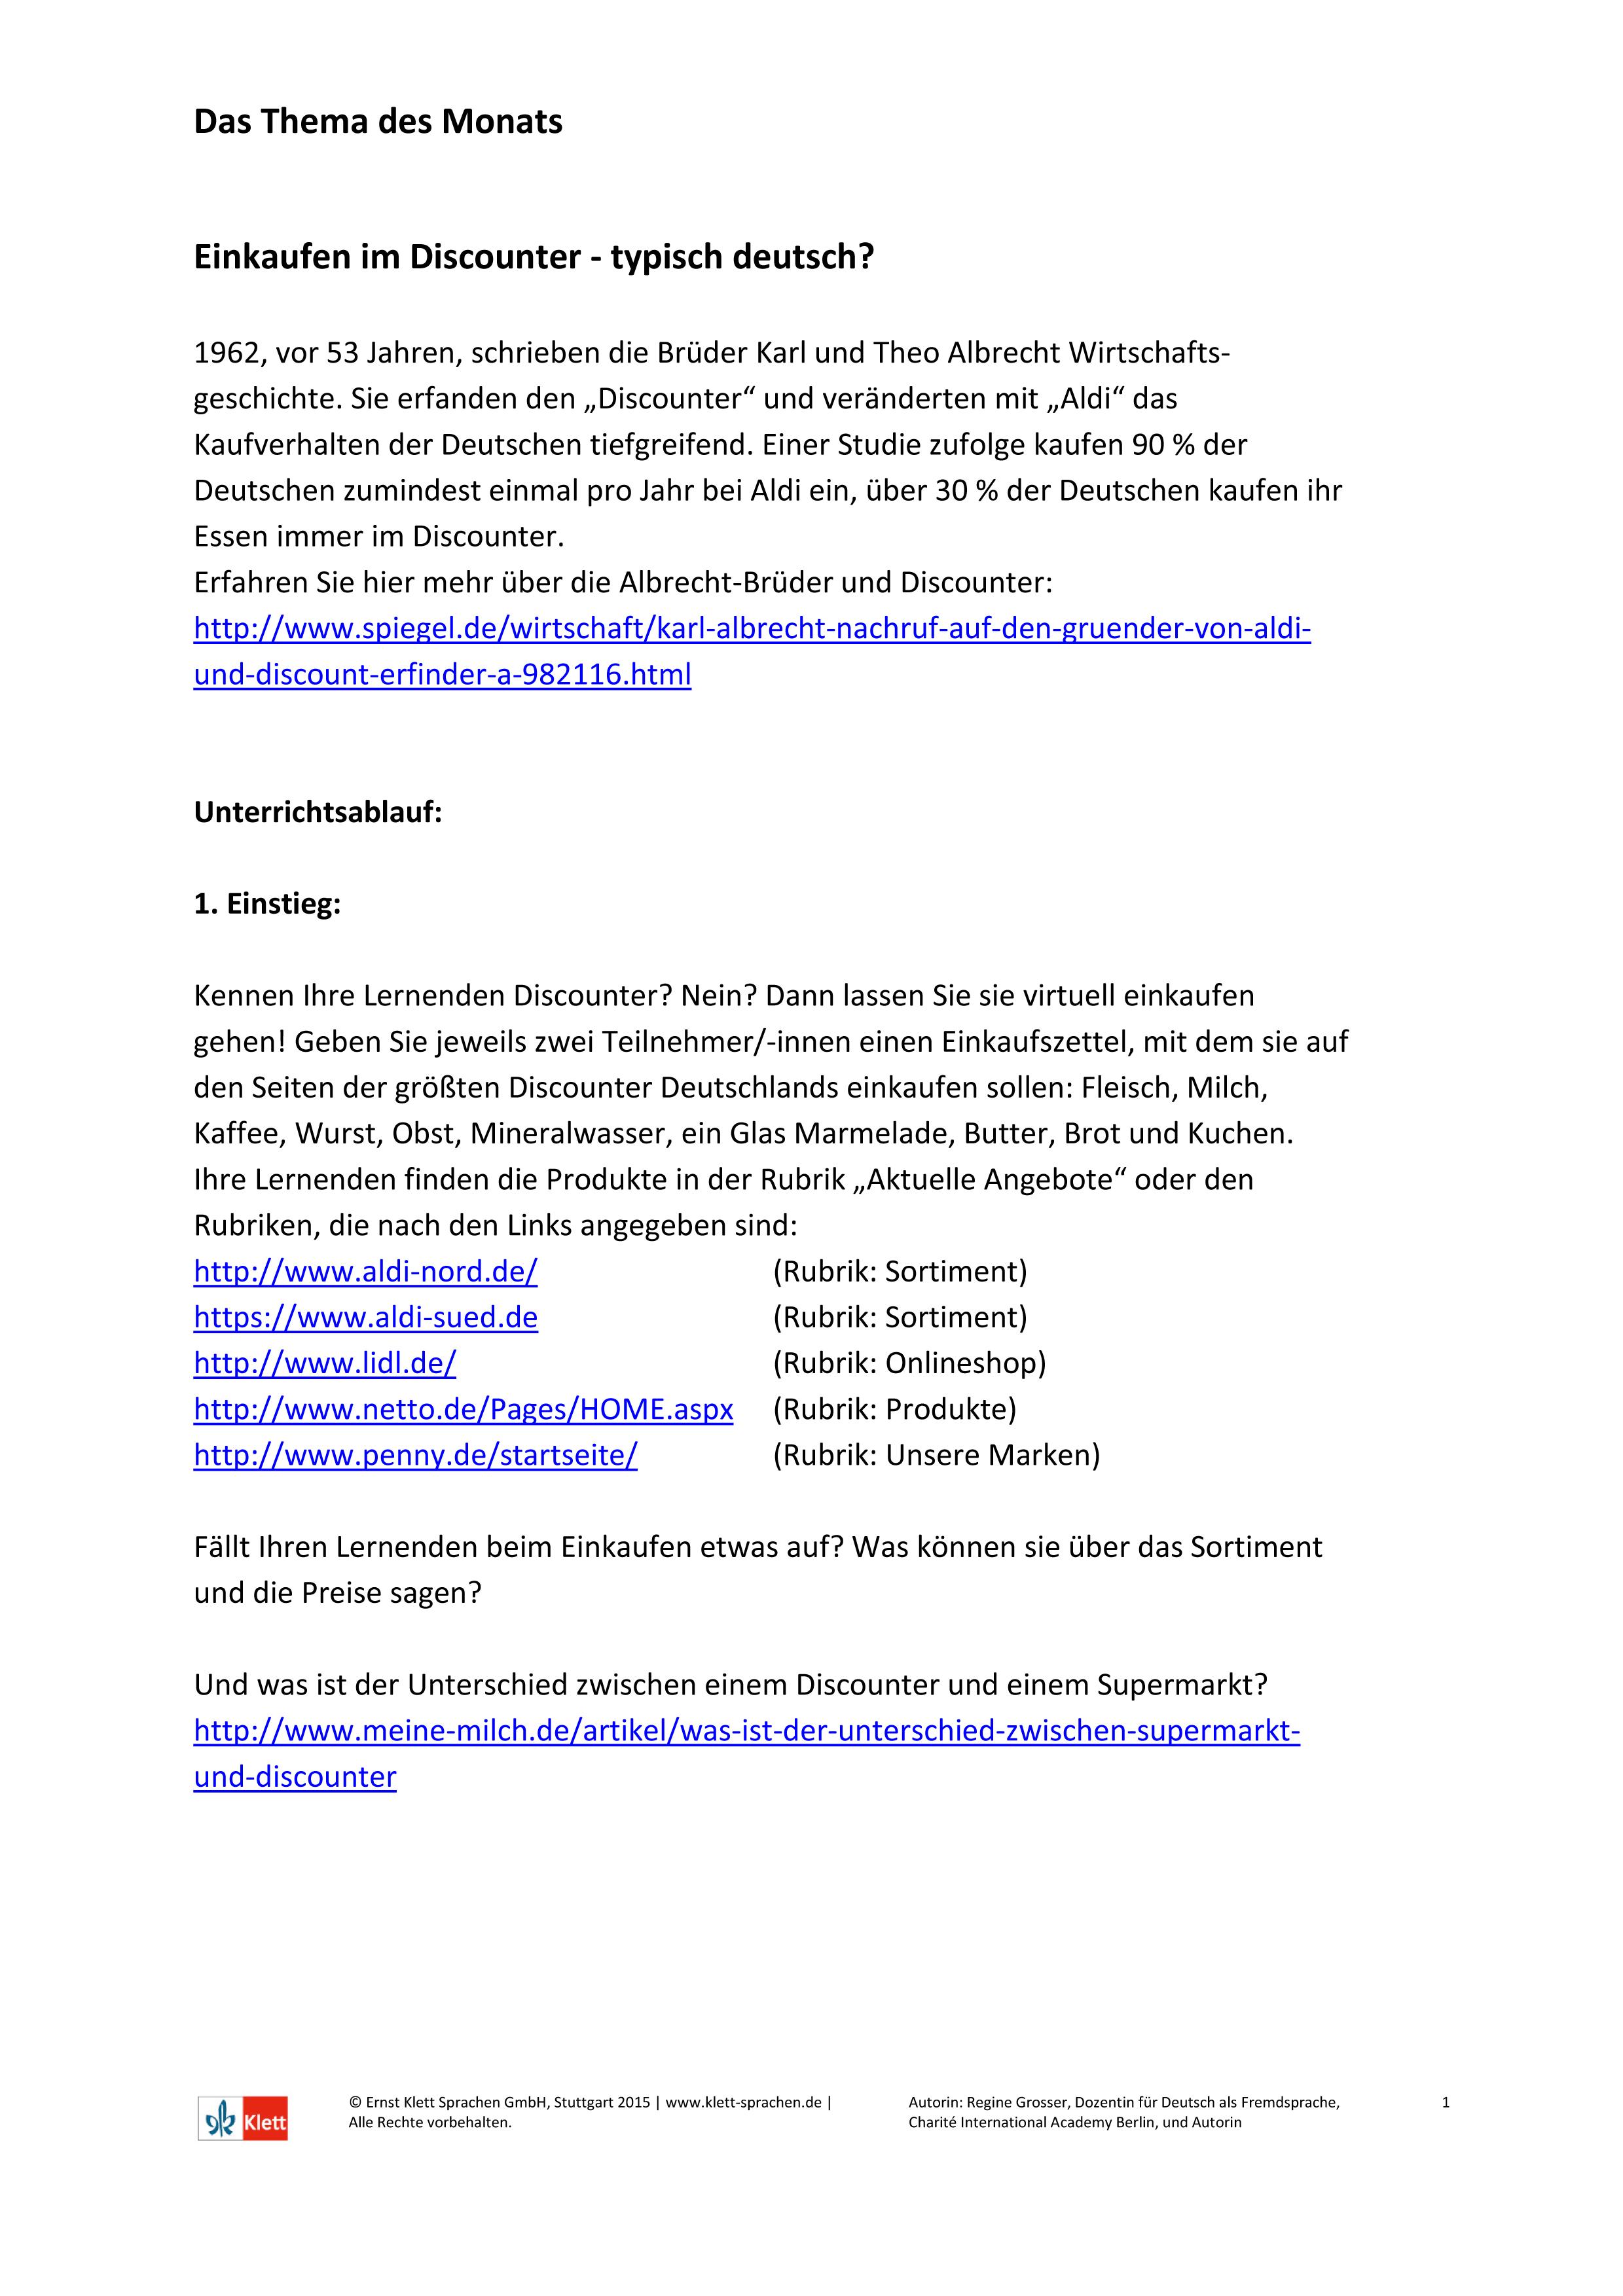 Kopiervorlagen der die DaF | Klett Sprachen